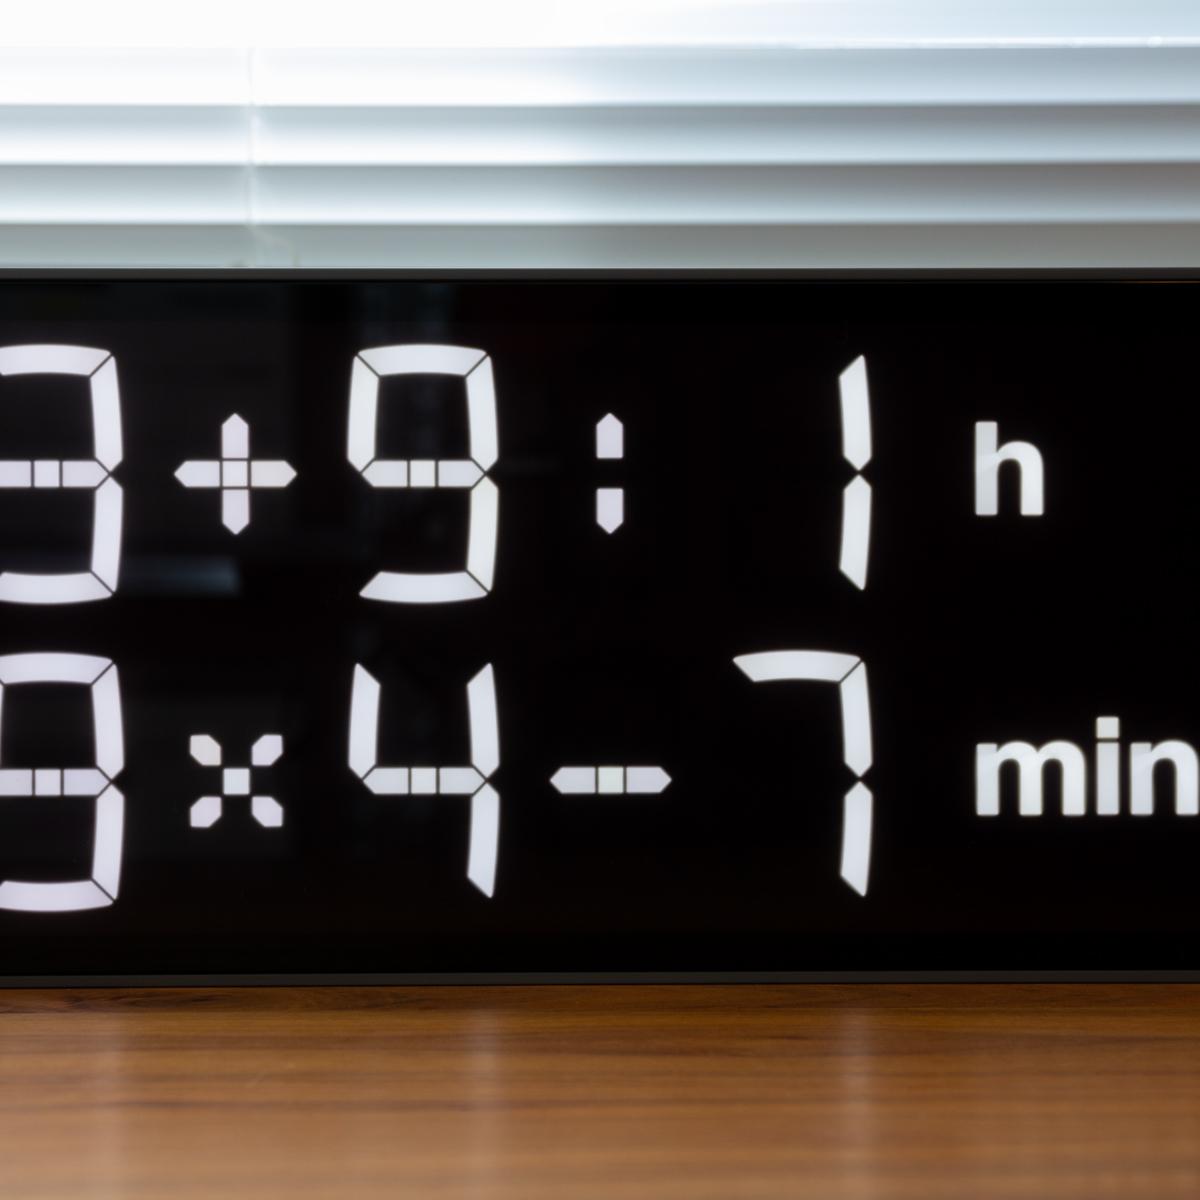 『4+2×7h:62-4min』、いま何時?(笑)|インテリアに遊び心を!ゲーム感覚で数式を解いて、時刻を割り出す「デジタル時計」 | Albert Clock